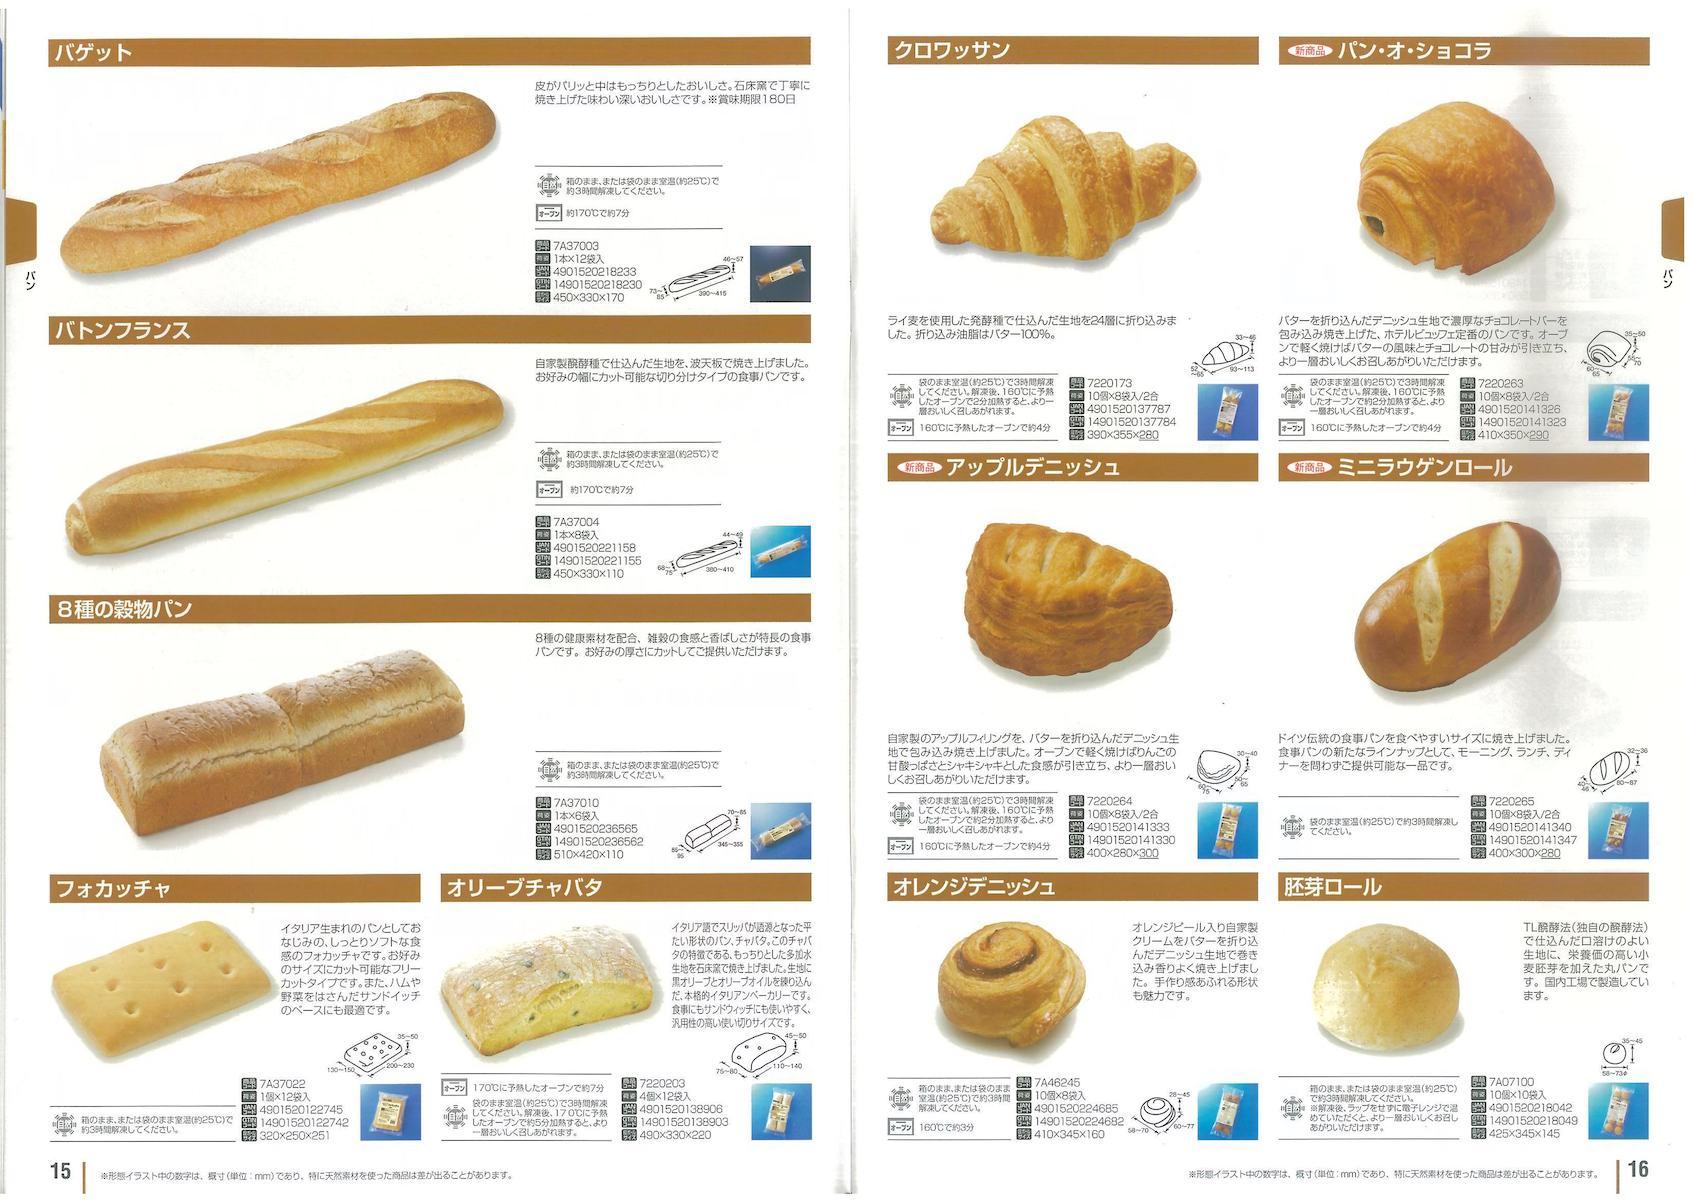 テーブルマーク バケット バトンフランス 8種の穀物パン フォカッチャ オリーブチャバタ クロワッサン パン・オ・ショコラ アップルデニッシュ ミニラウゲんロール オレンジデニッシュ 胚芽ロール